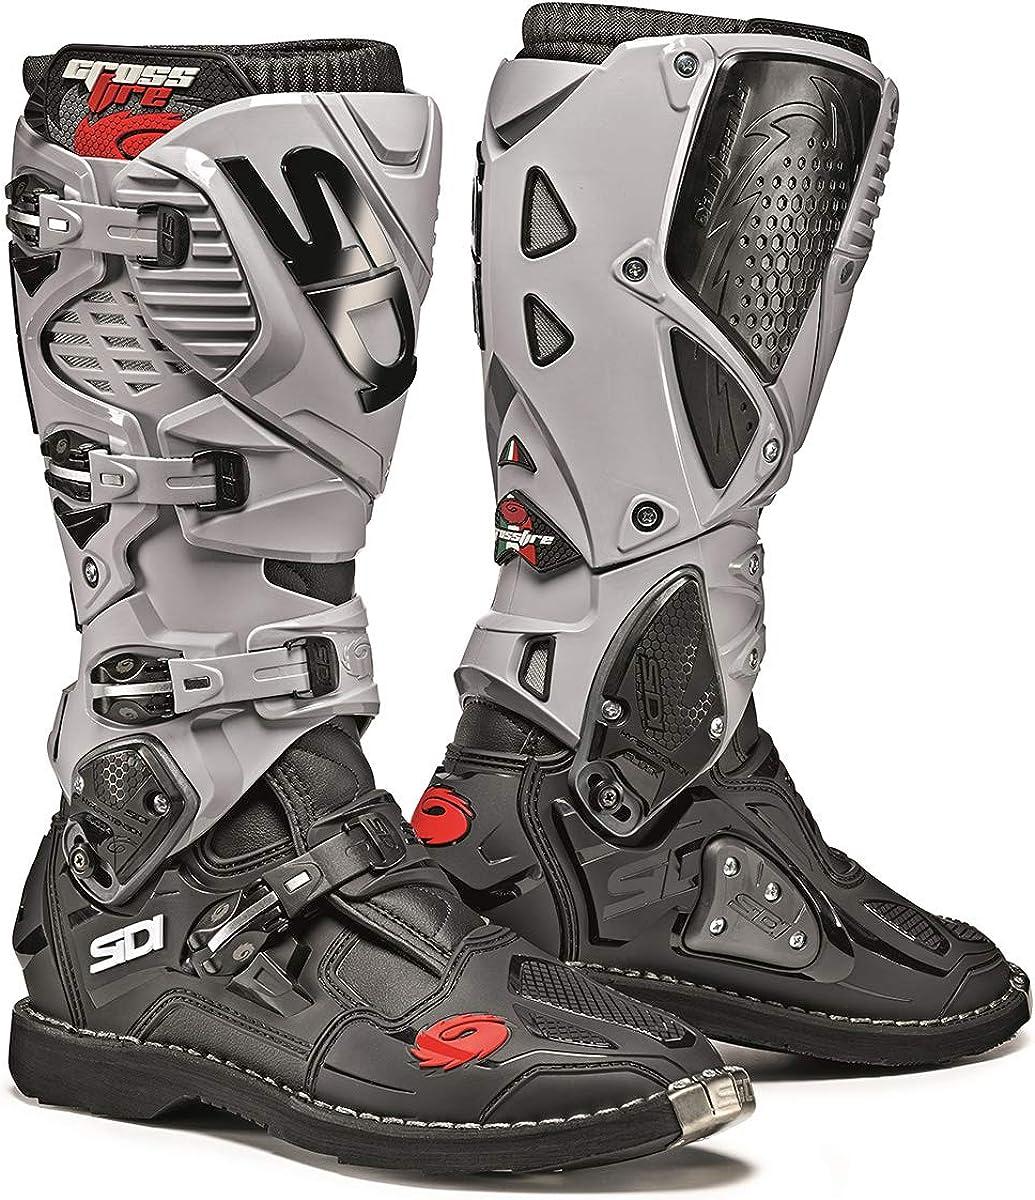 Sidi Crossfire 3 Unisex Motocross Stiefel Schuhe Handtaschen